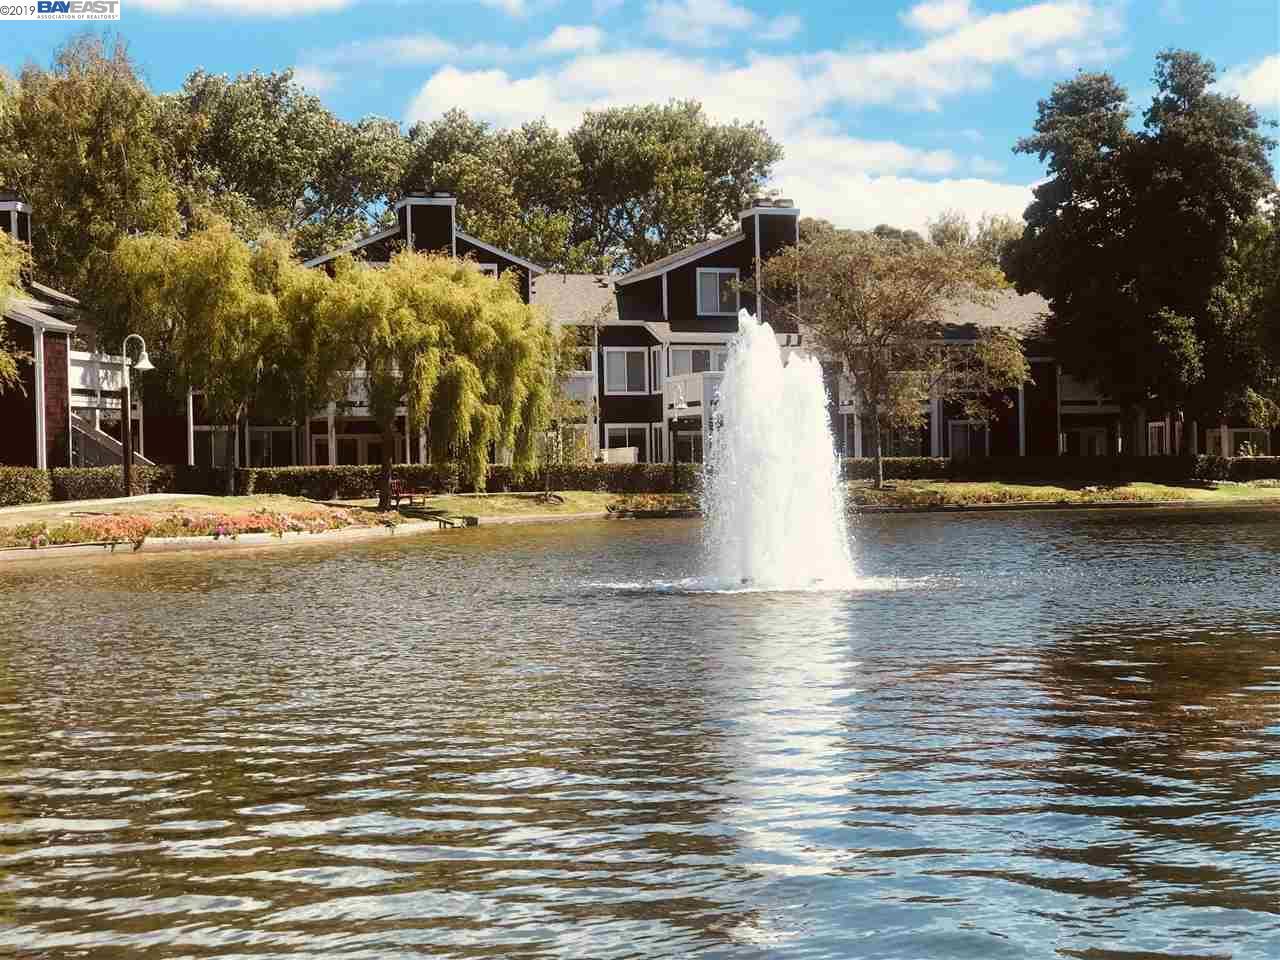 41 MARINA LAKES, RICHMOND, CA 94804